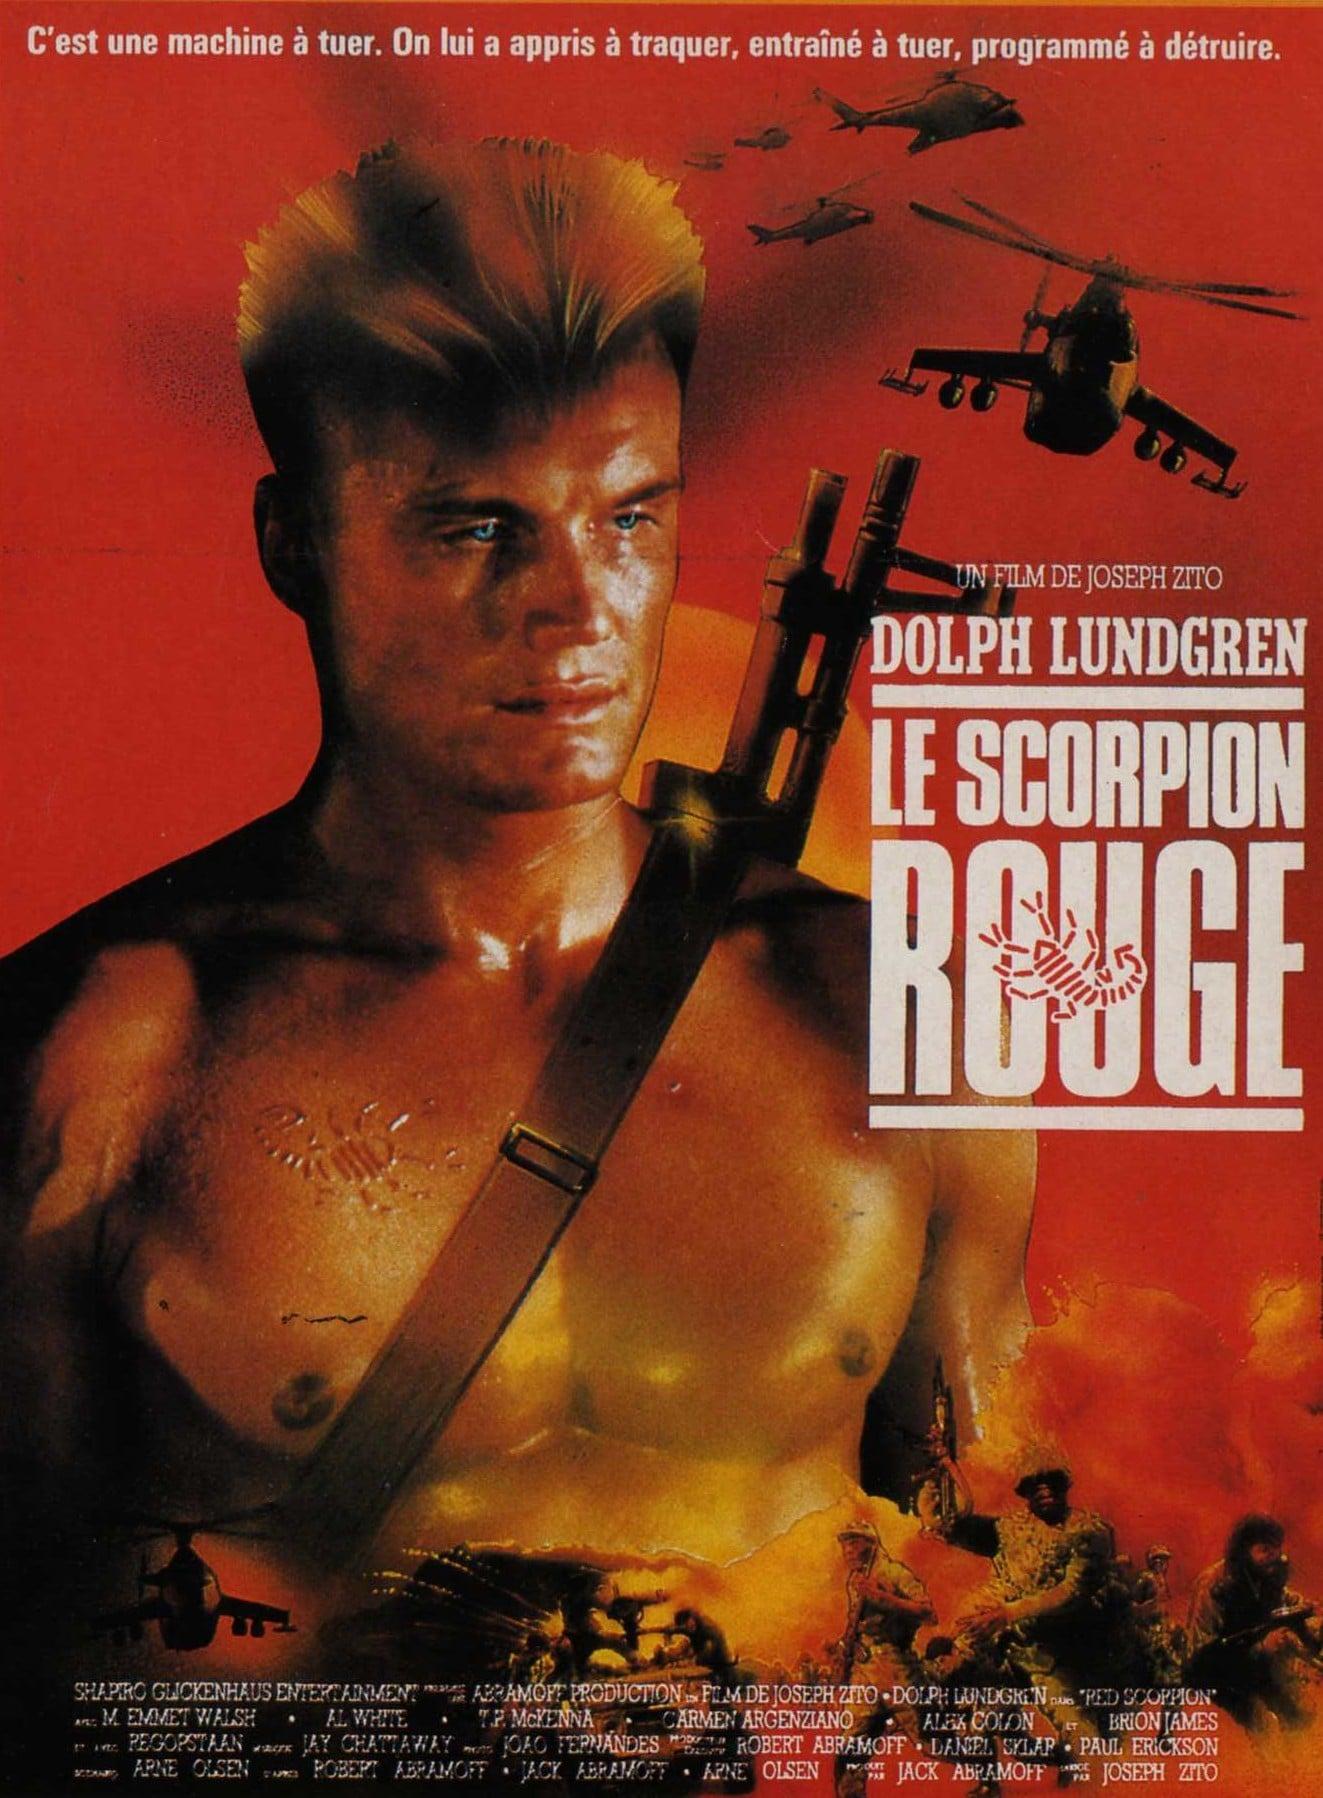 Подборка плакатов с героями боевиков 80-х - 90-х годов